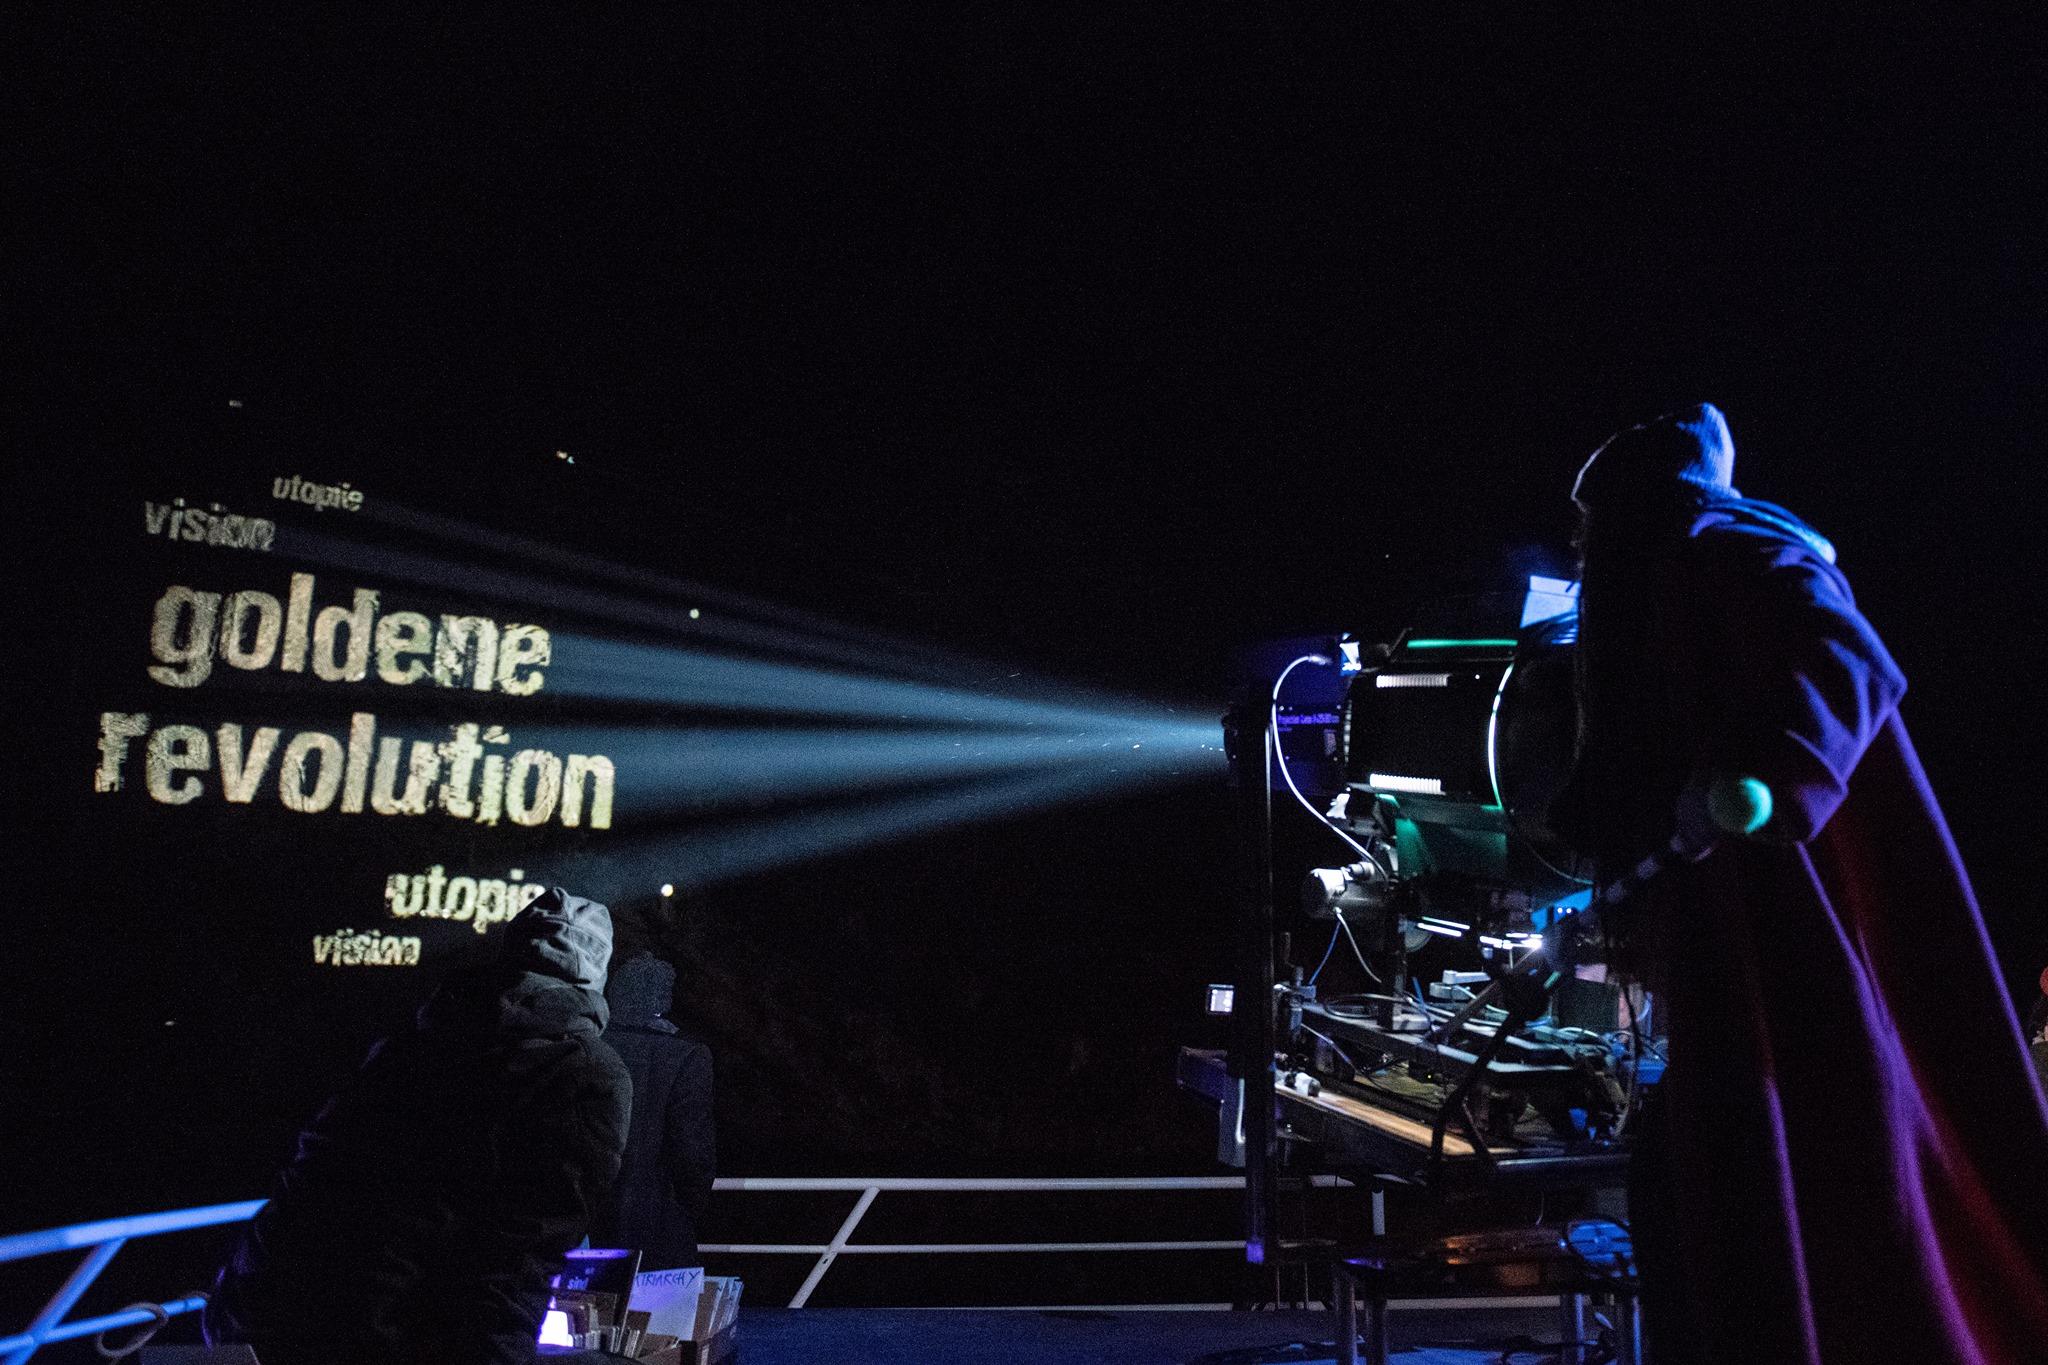 Wir sind vision ! wir sind die goldene revolution !